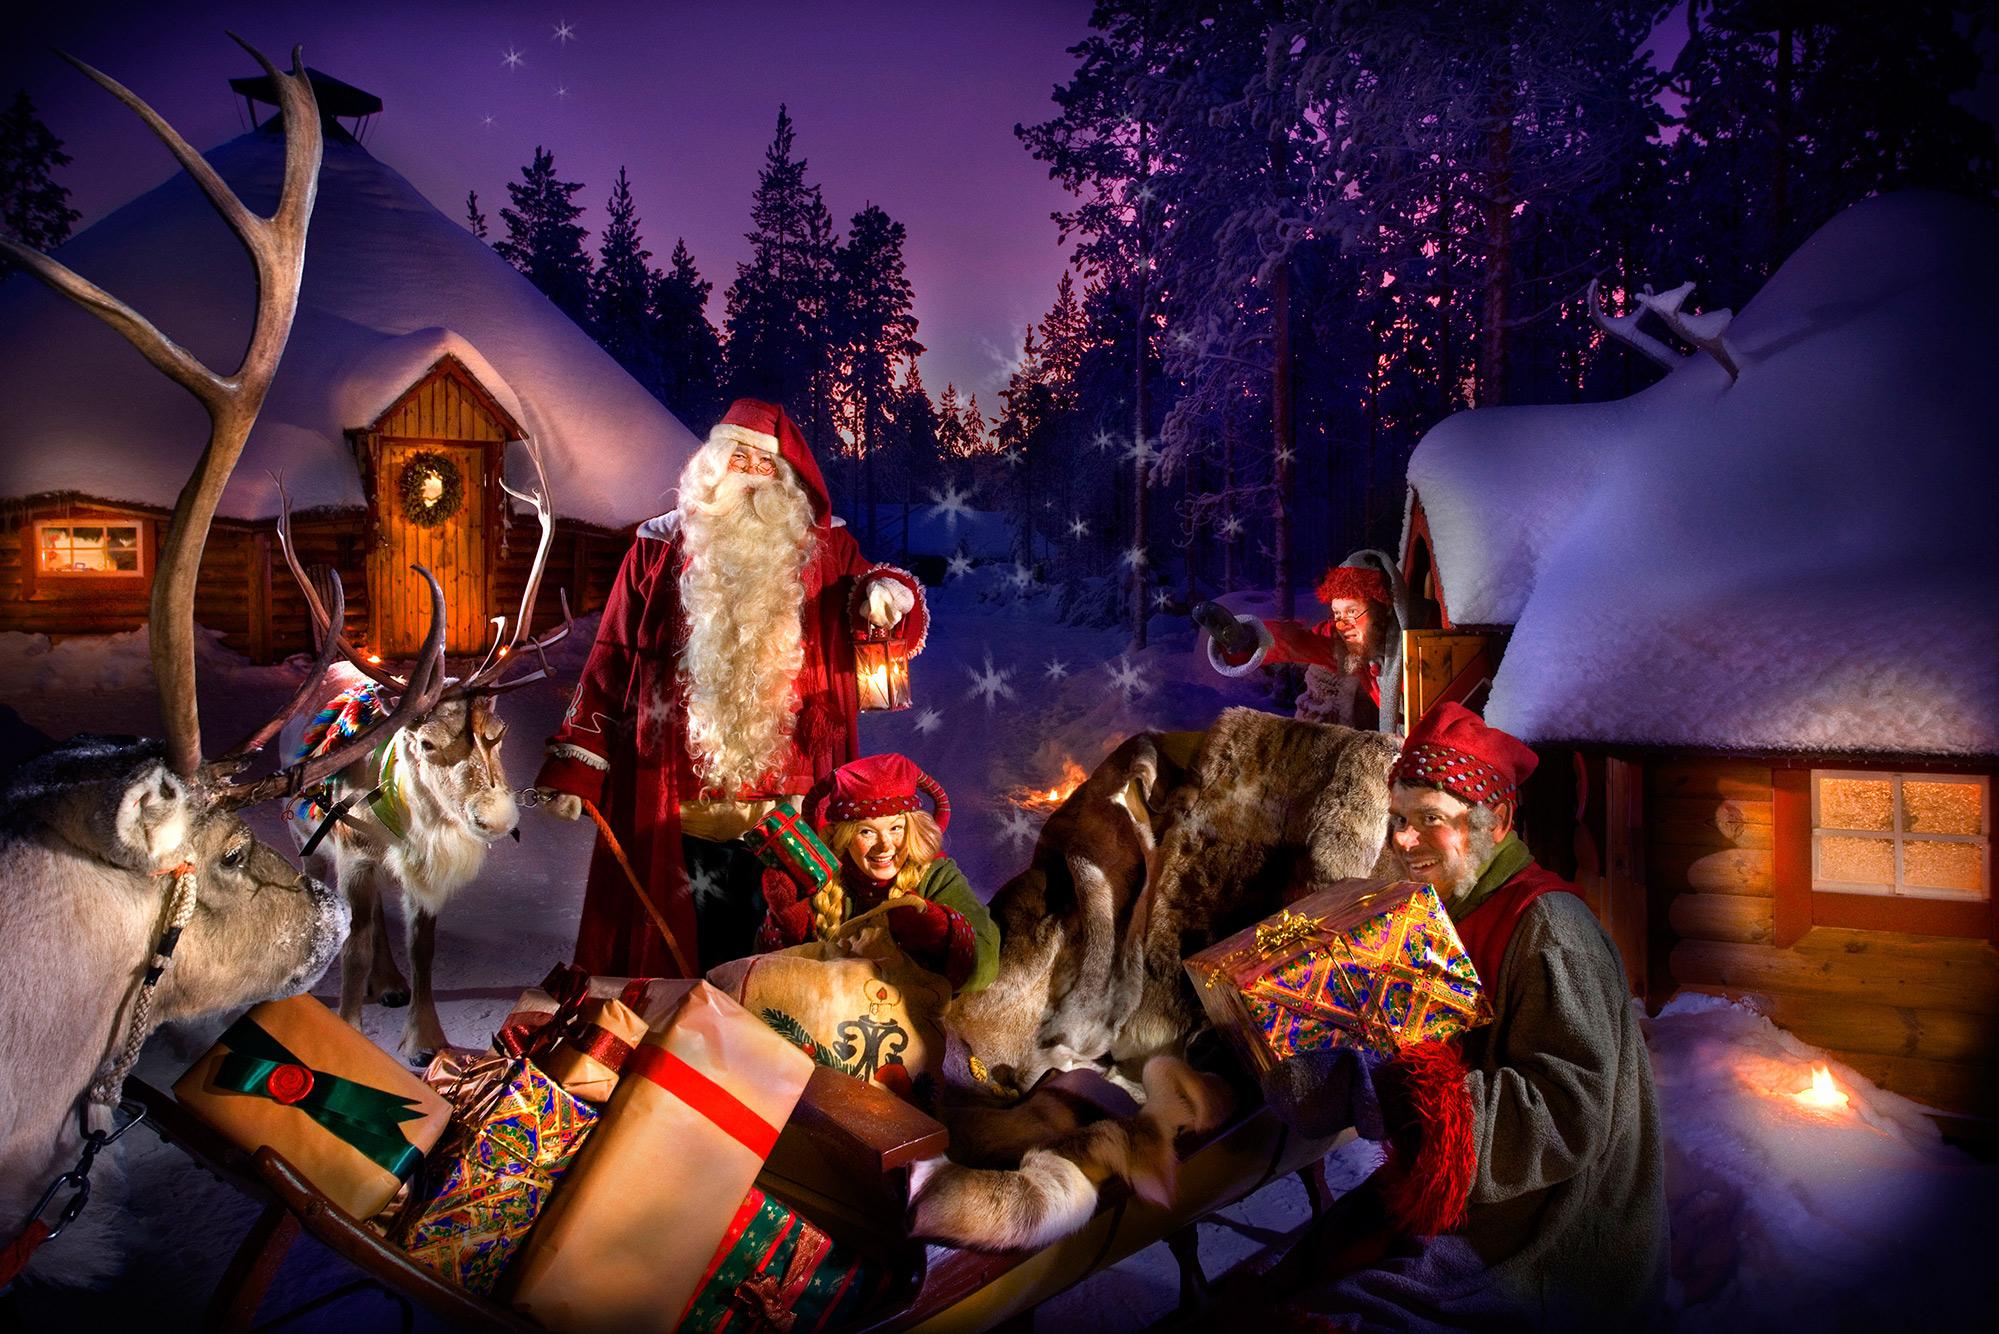 Joulukka Christmas Fairytale